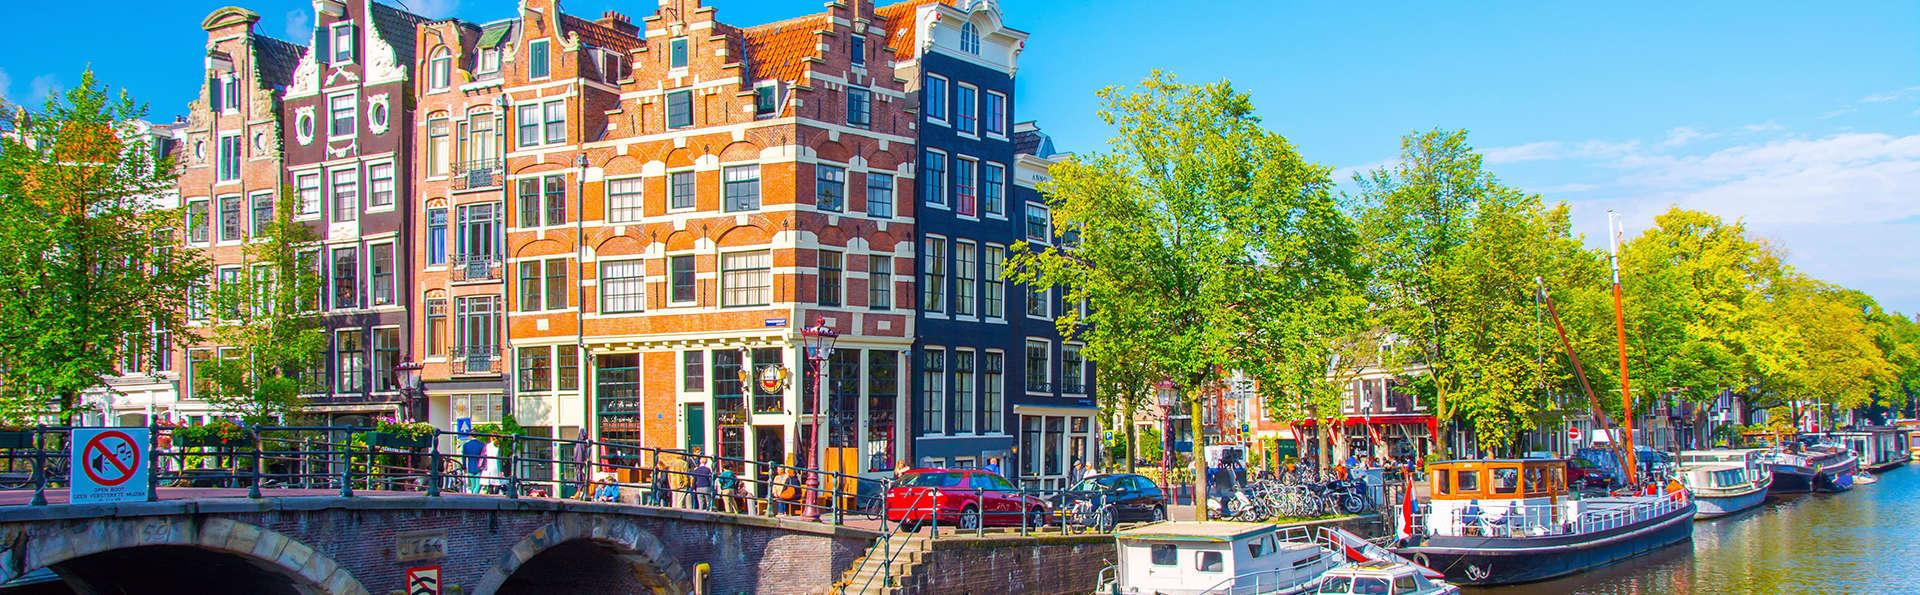 Spécial saison: visitez ensemble la ville animée d'Amsterdam!